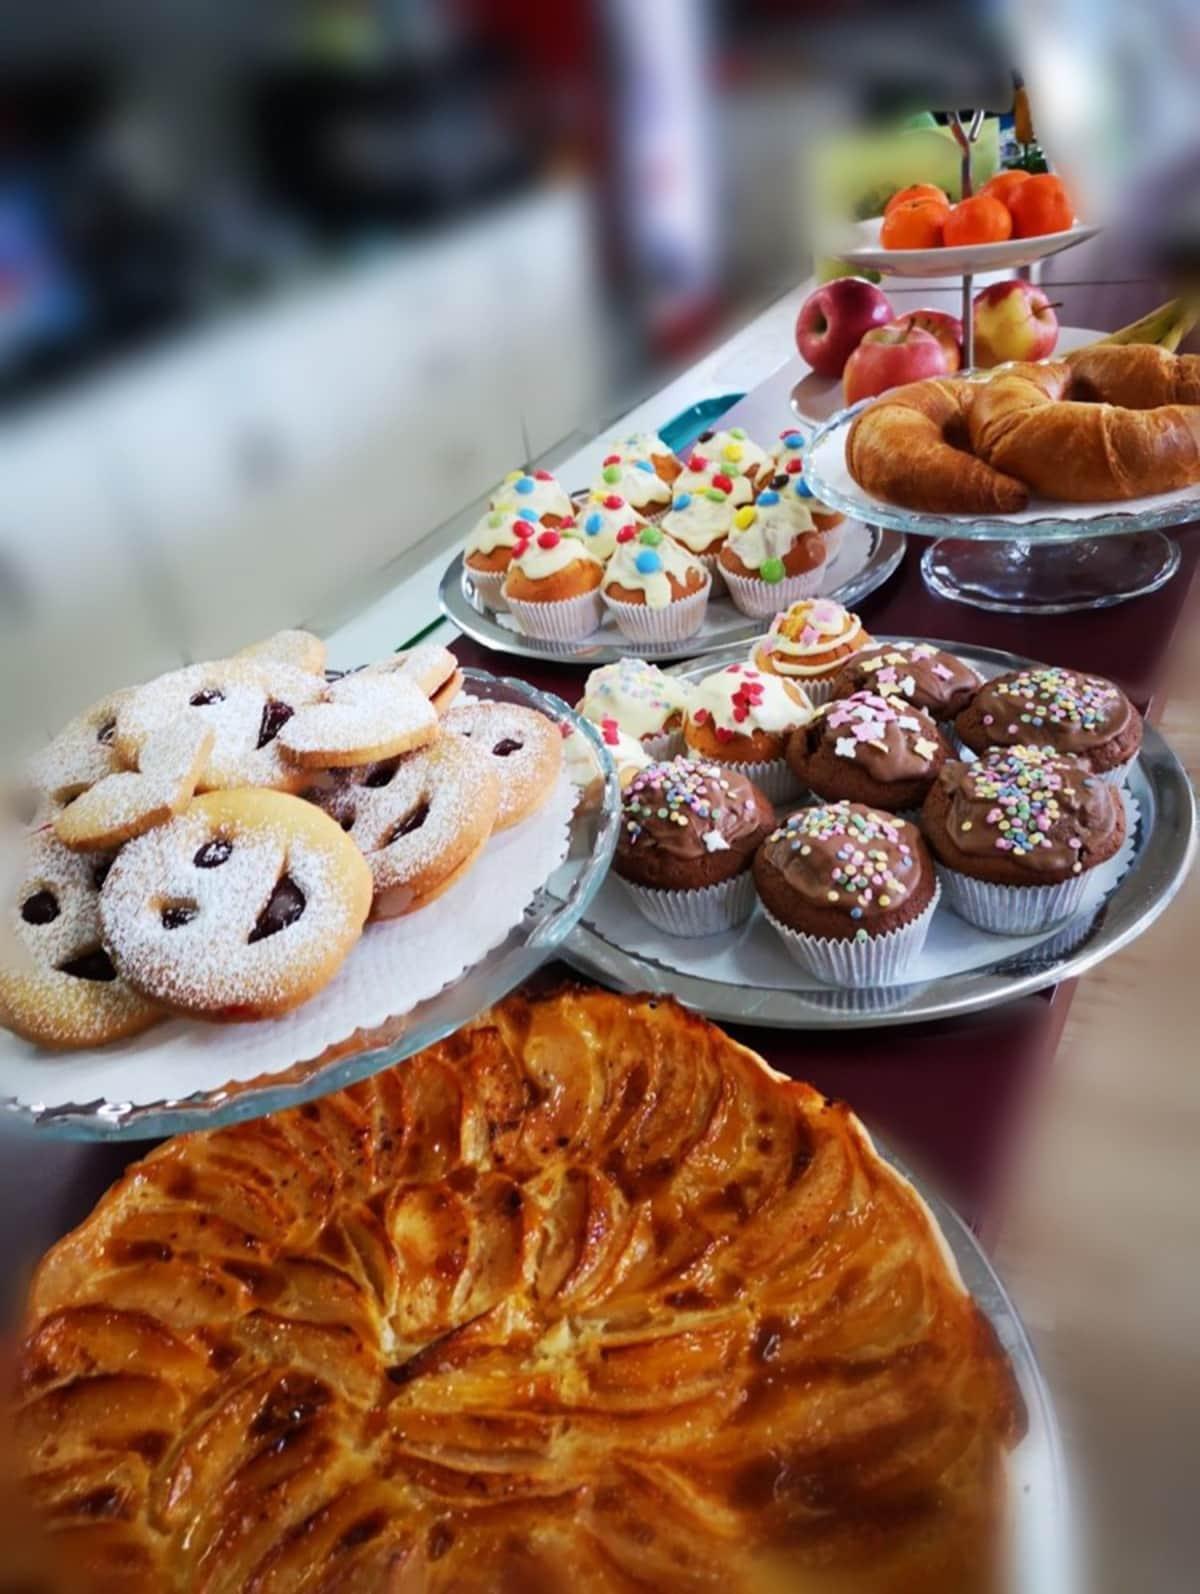 muffins-kuchen-w750-o-w750-o